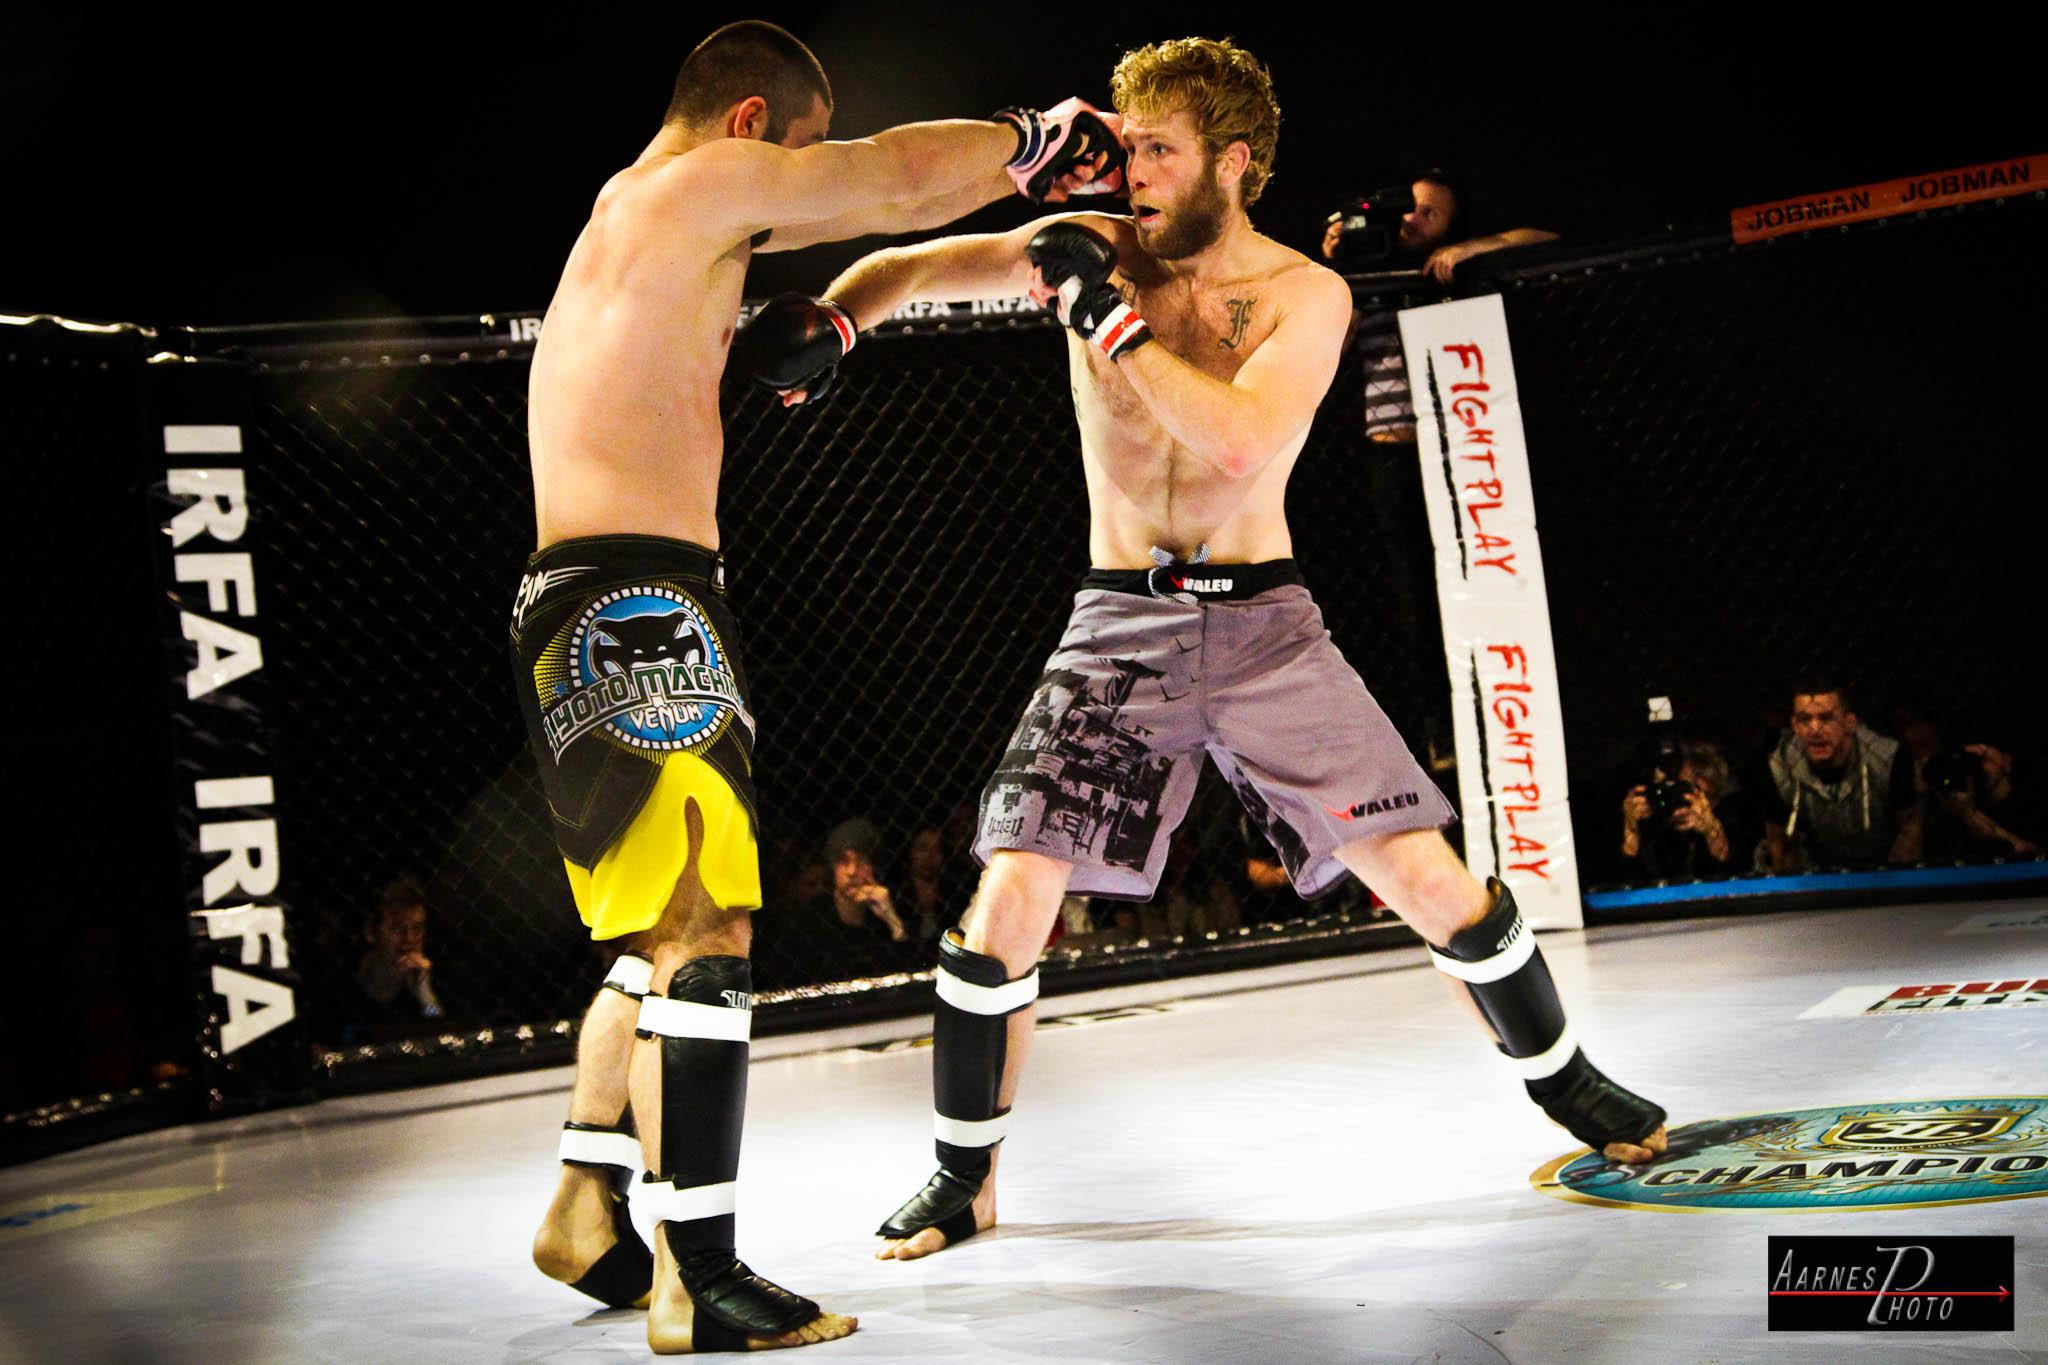 Mikael Tunc vs Jimmie Jensen11-5199